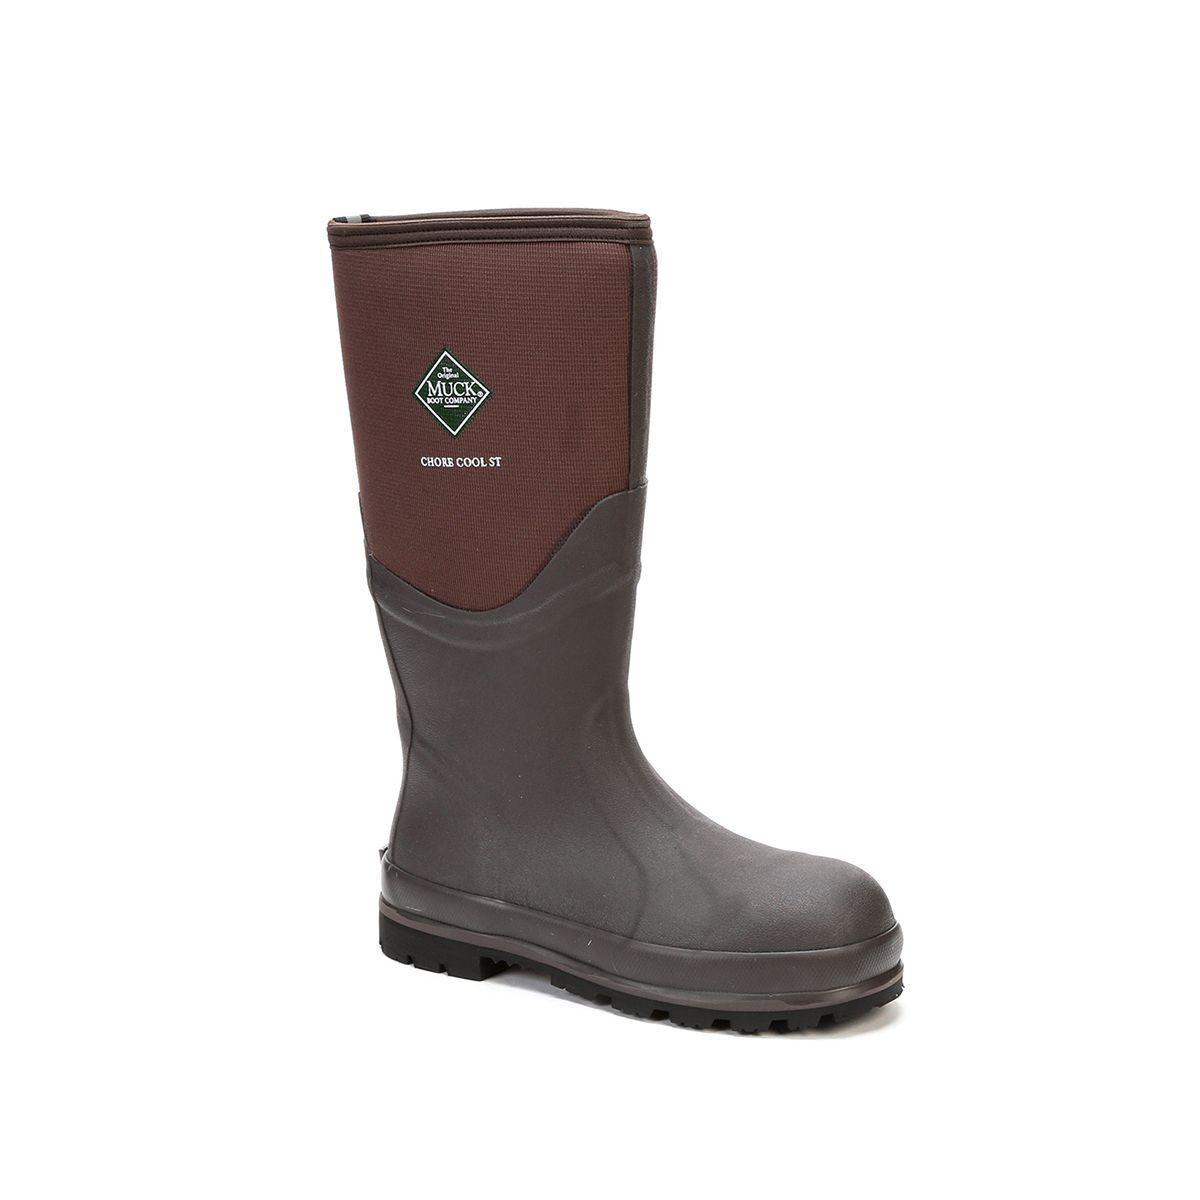 Muck botas Company Adulto Hombre Mujer Mujer Mujer tarea Cool Seguridad Puntera De Acero, marrón  venta al por mayor barato